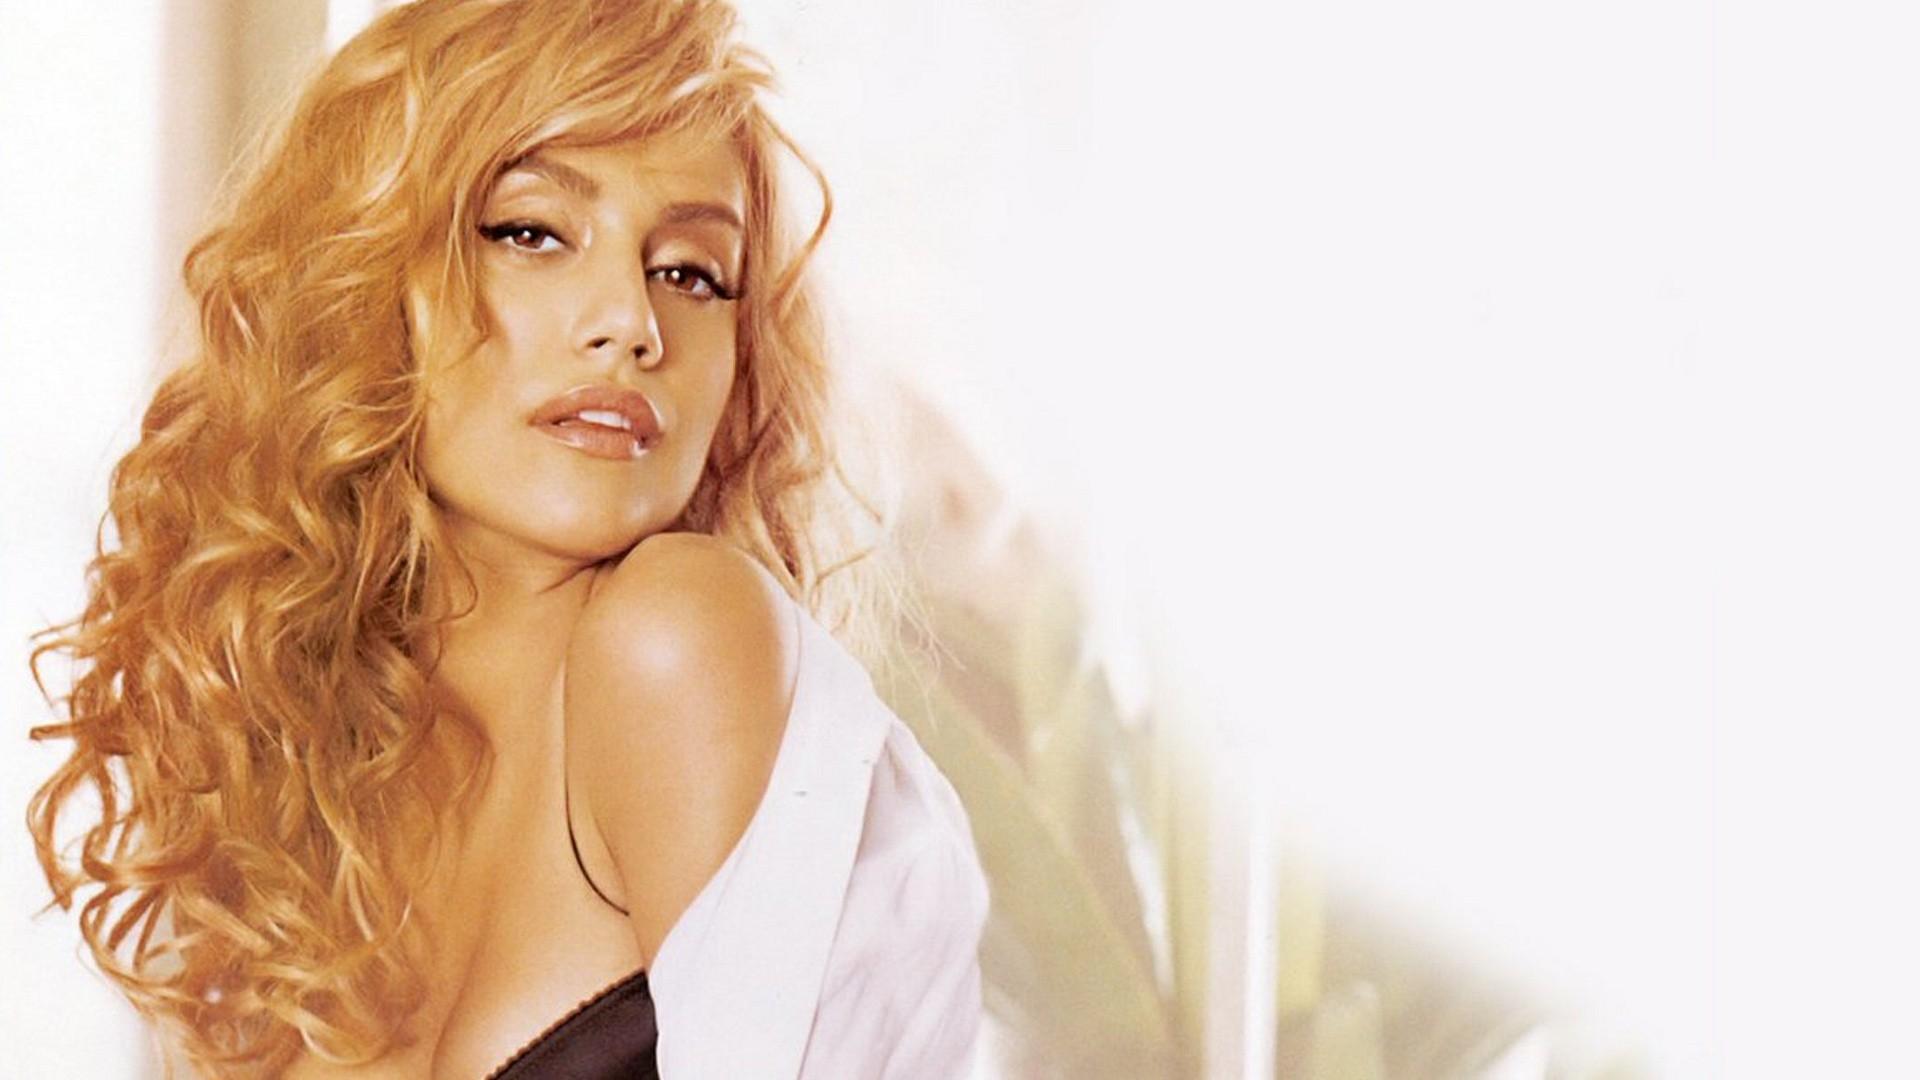 Фото кудрявая блондинка, Голая кудрявая блондинка В чулках 1 фотография